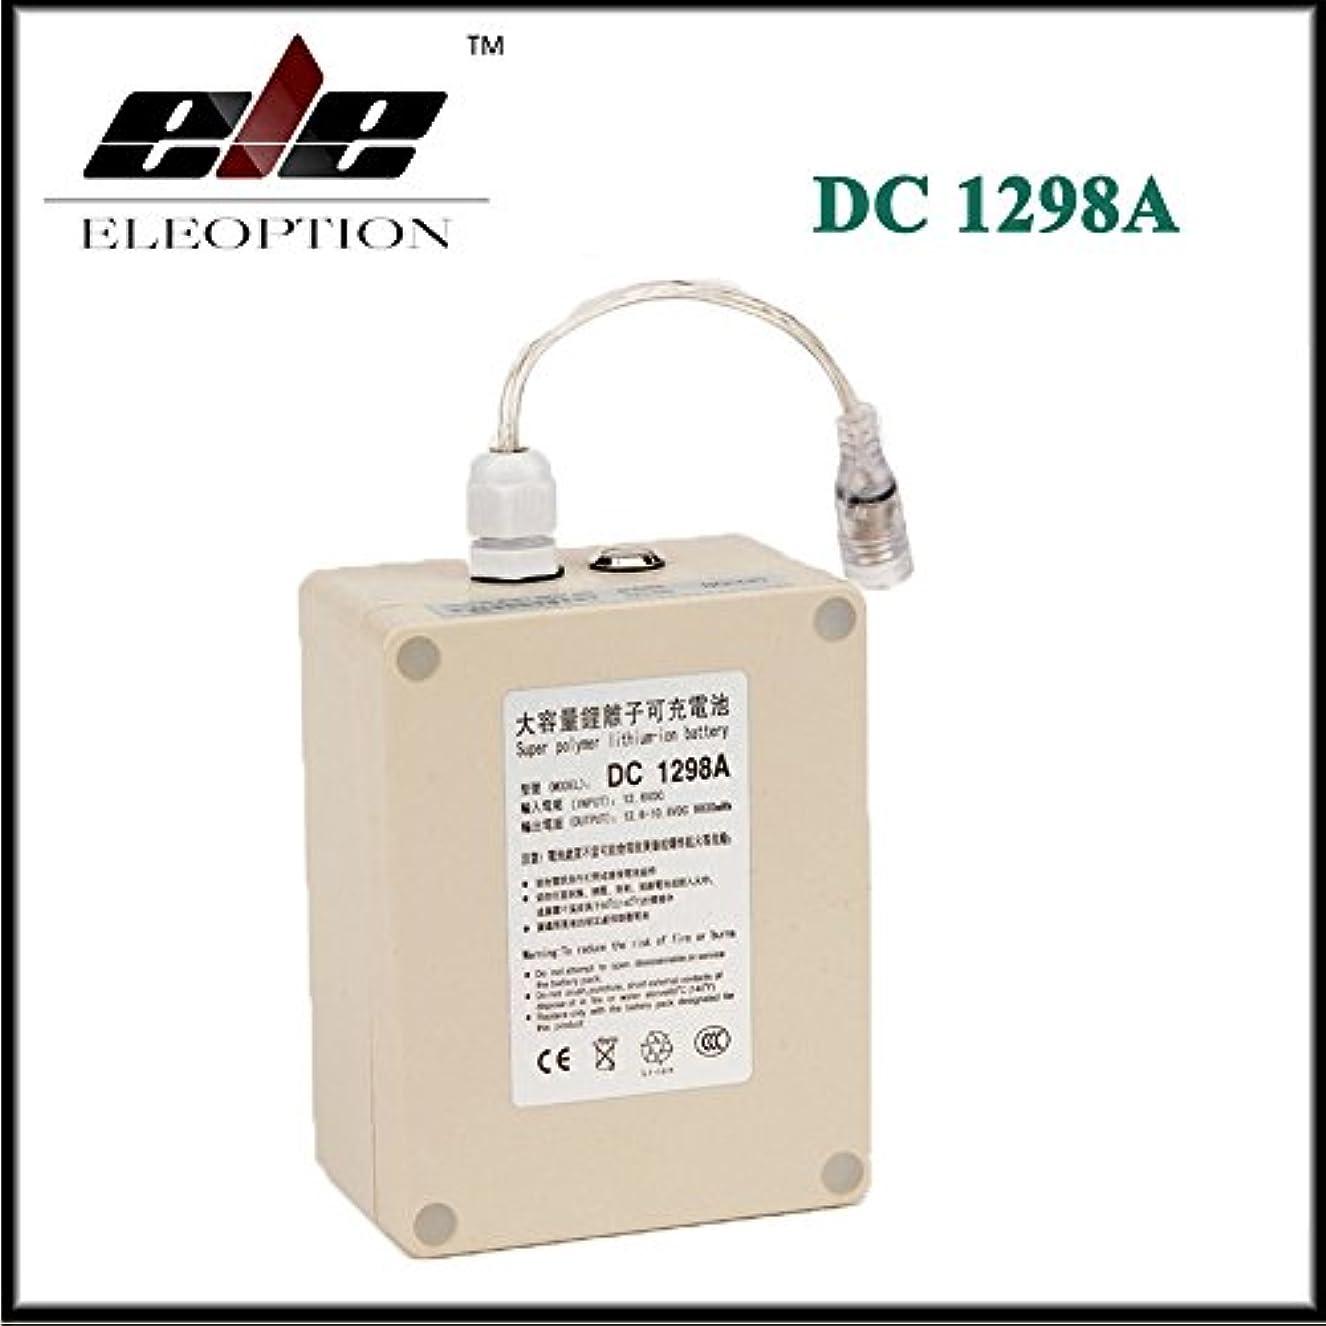 絞るチャーター飲み込むEleoption リチウムバッテリー リチウムイオン充電池 充電式電池 高品質 大容量 電池 DC 12V 9800mAh USプラグ付き 防水